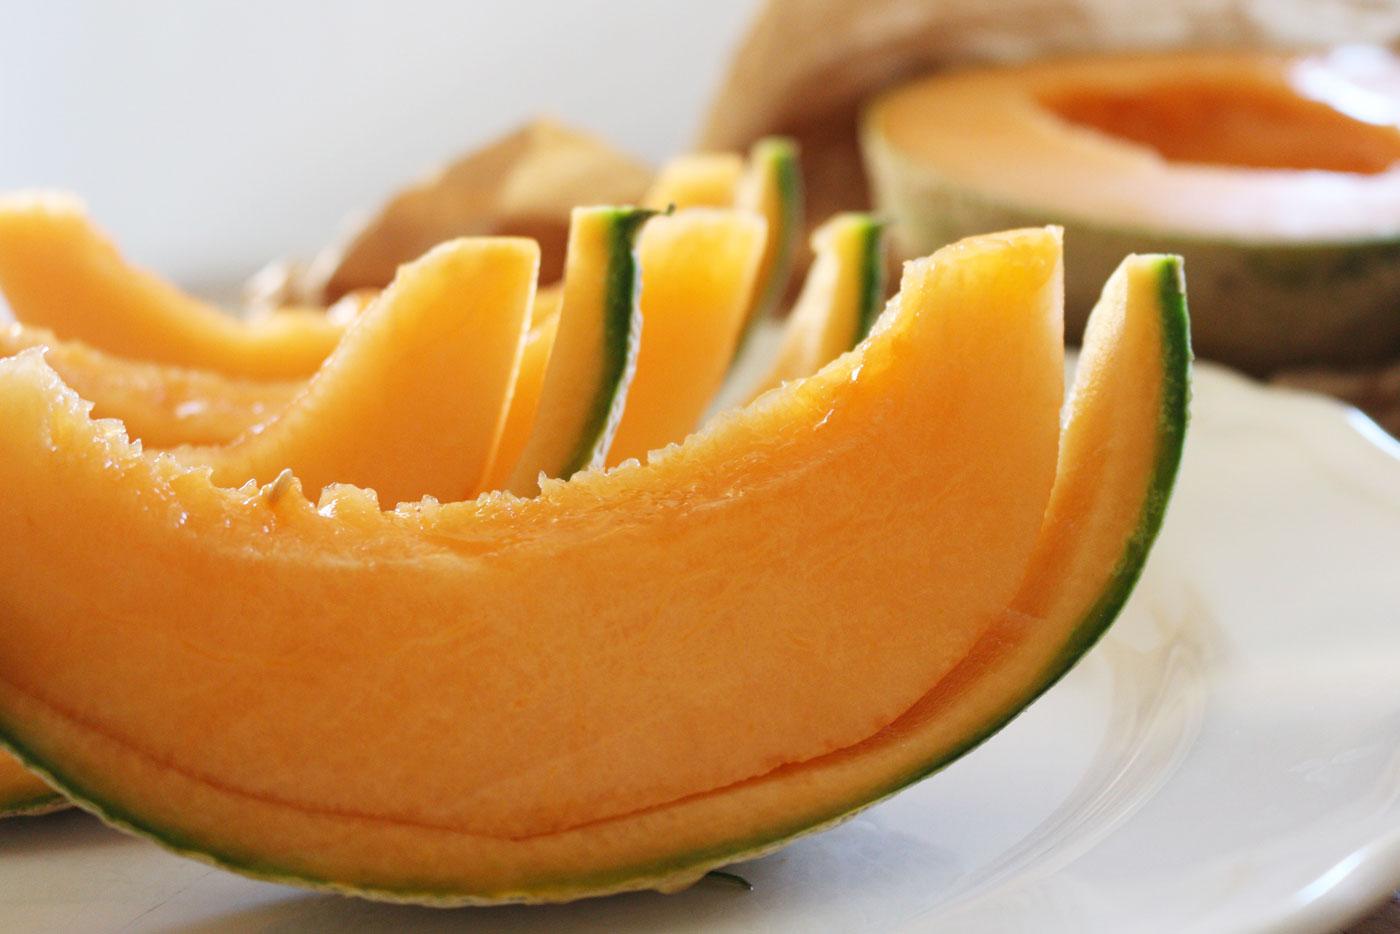 melone-come-si-mangia-2